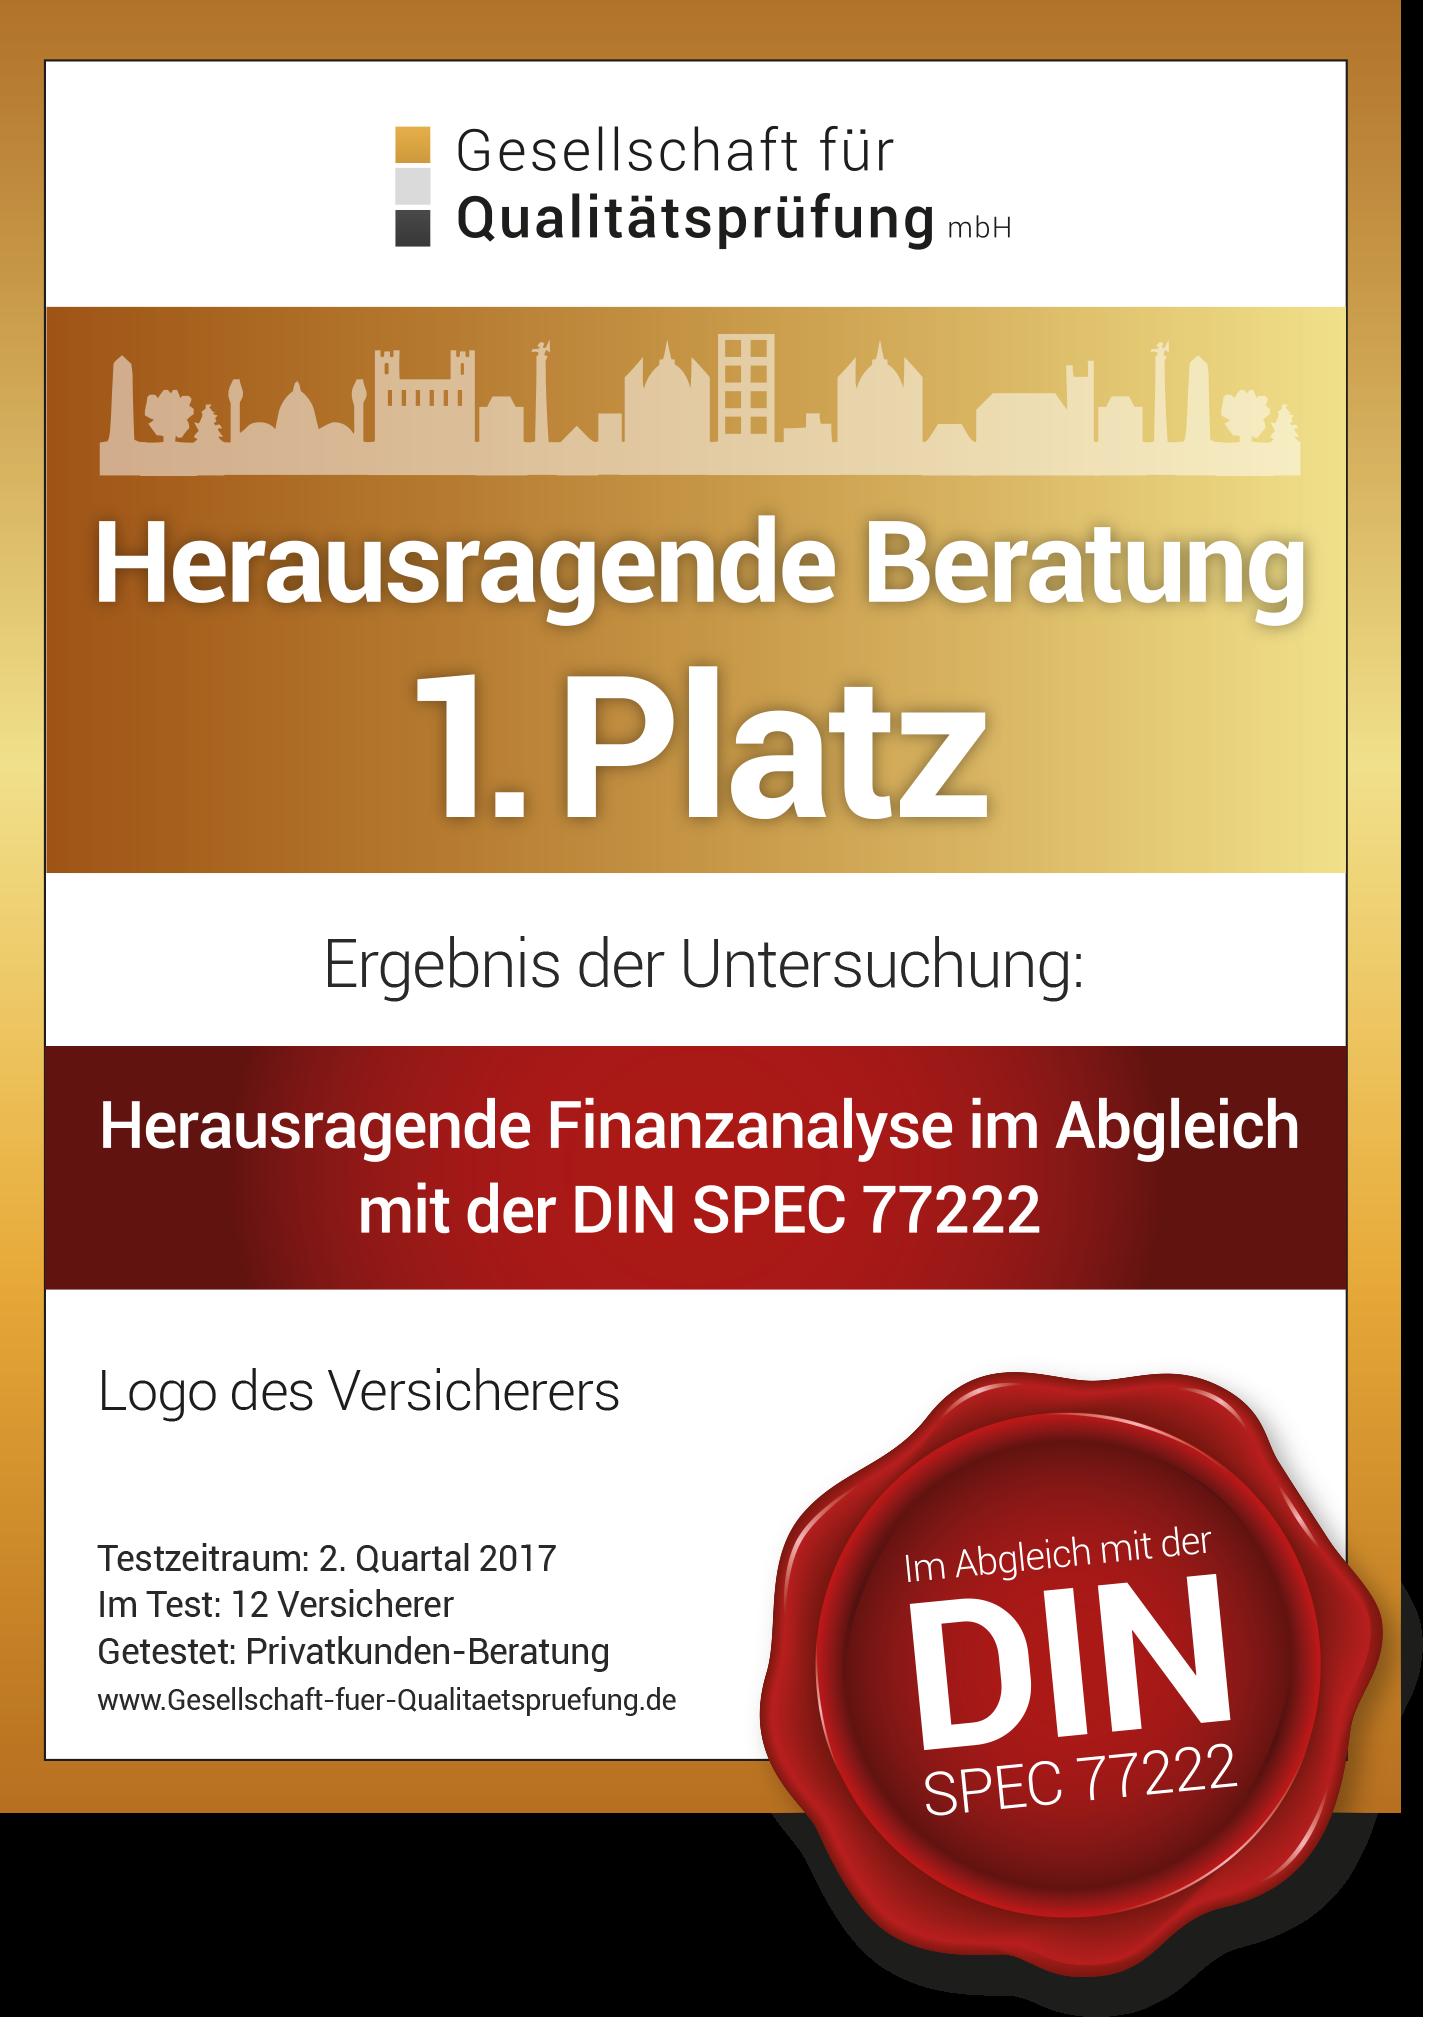 Siegel_Versicherung_2017_final2